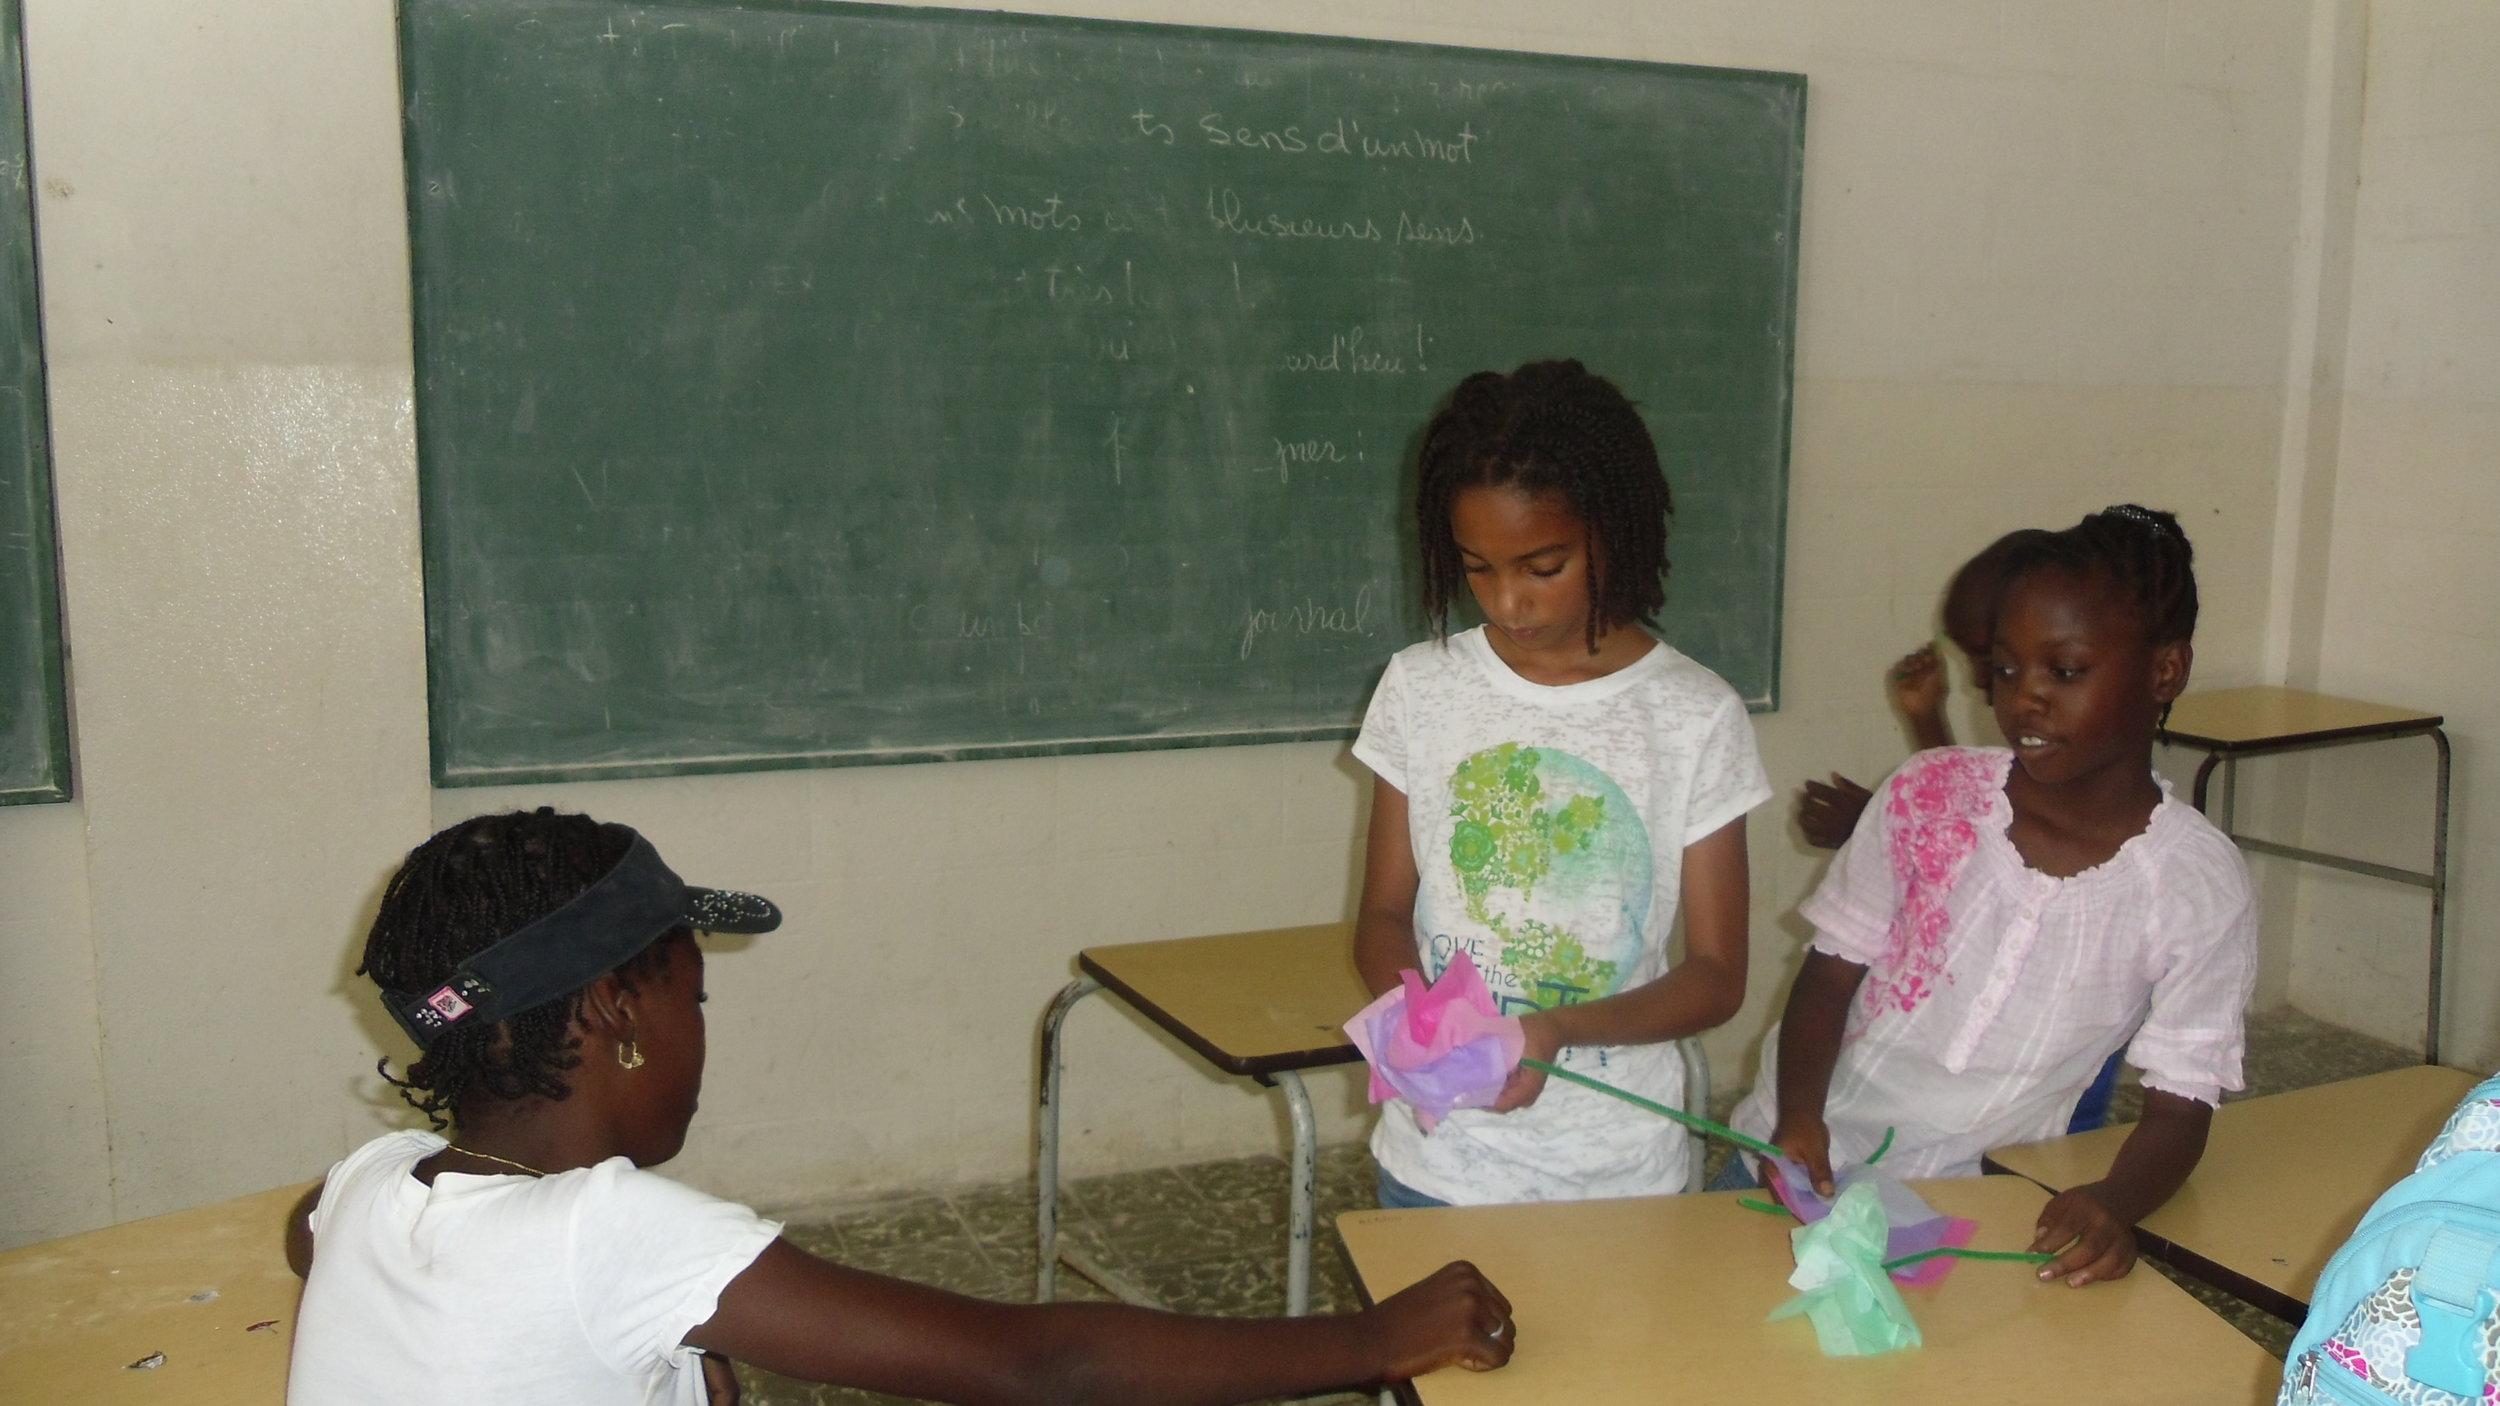 Zia teaching girls in Haiti how to make paper flowers.